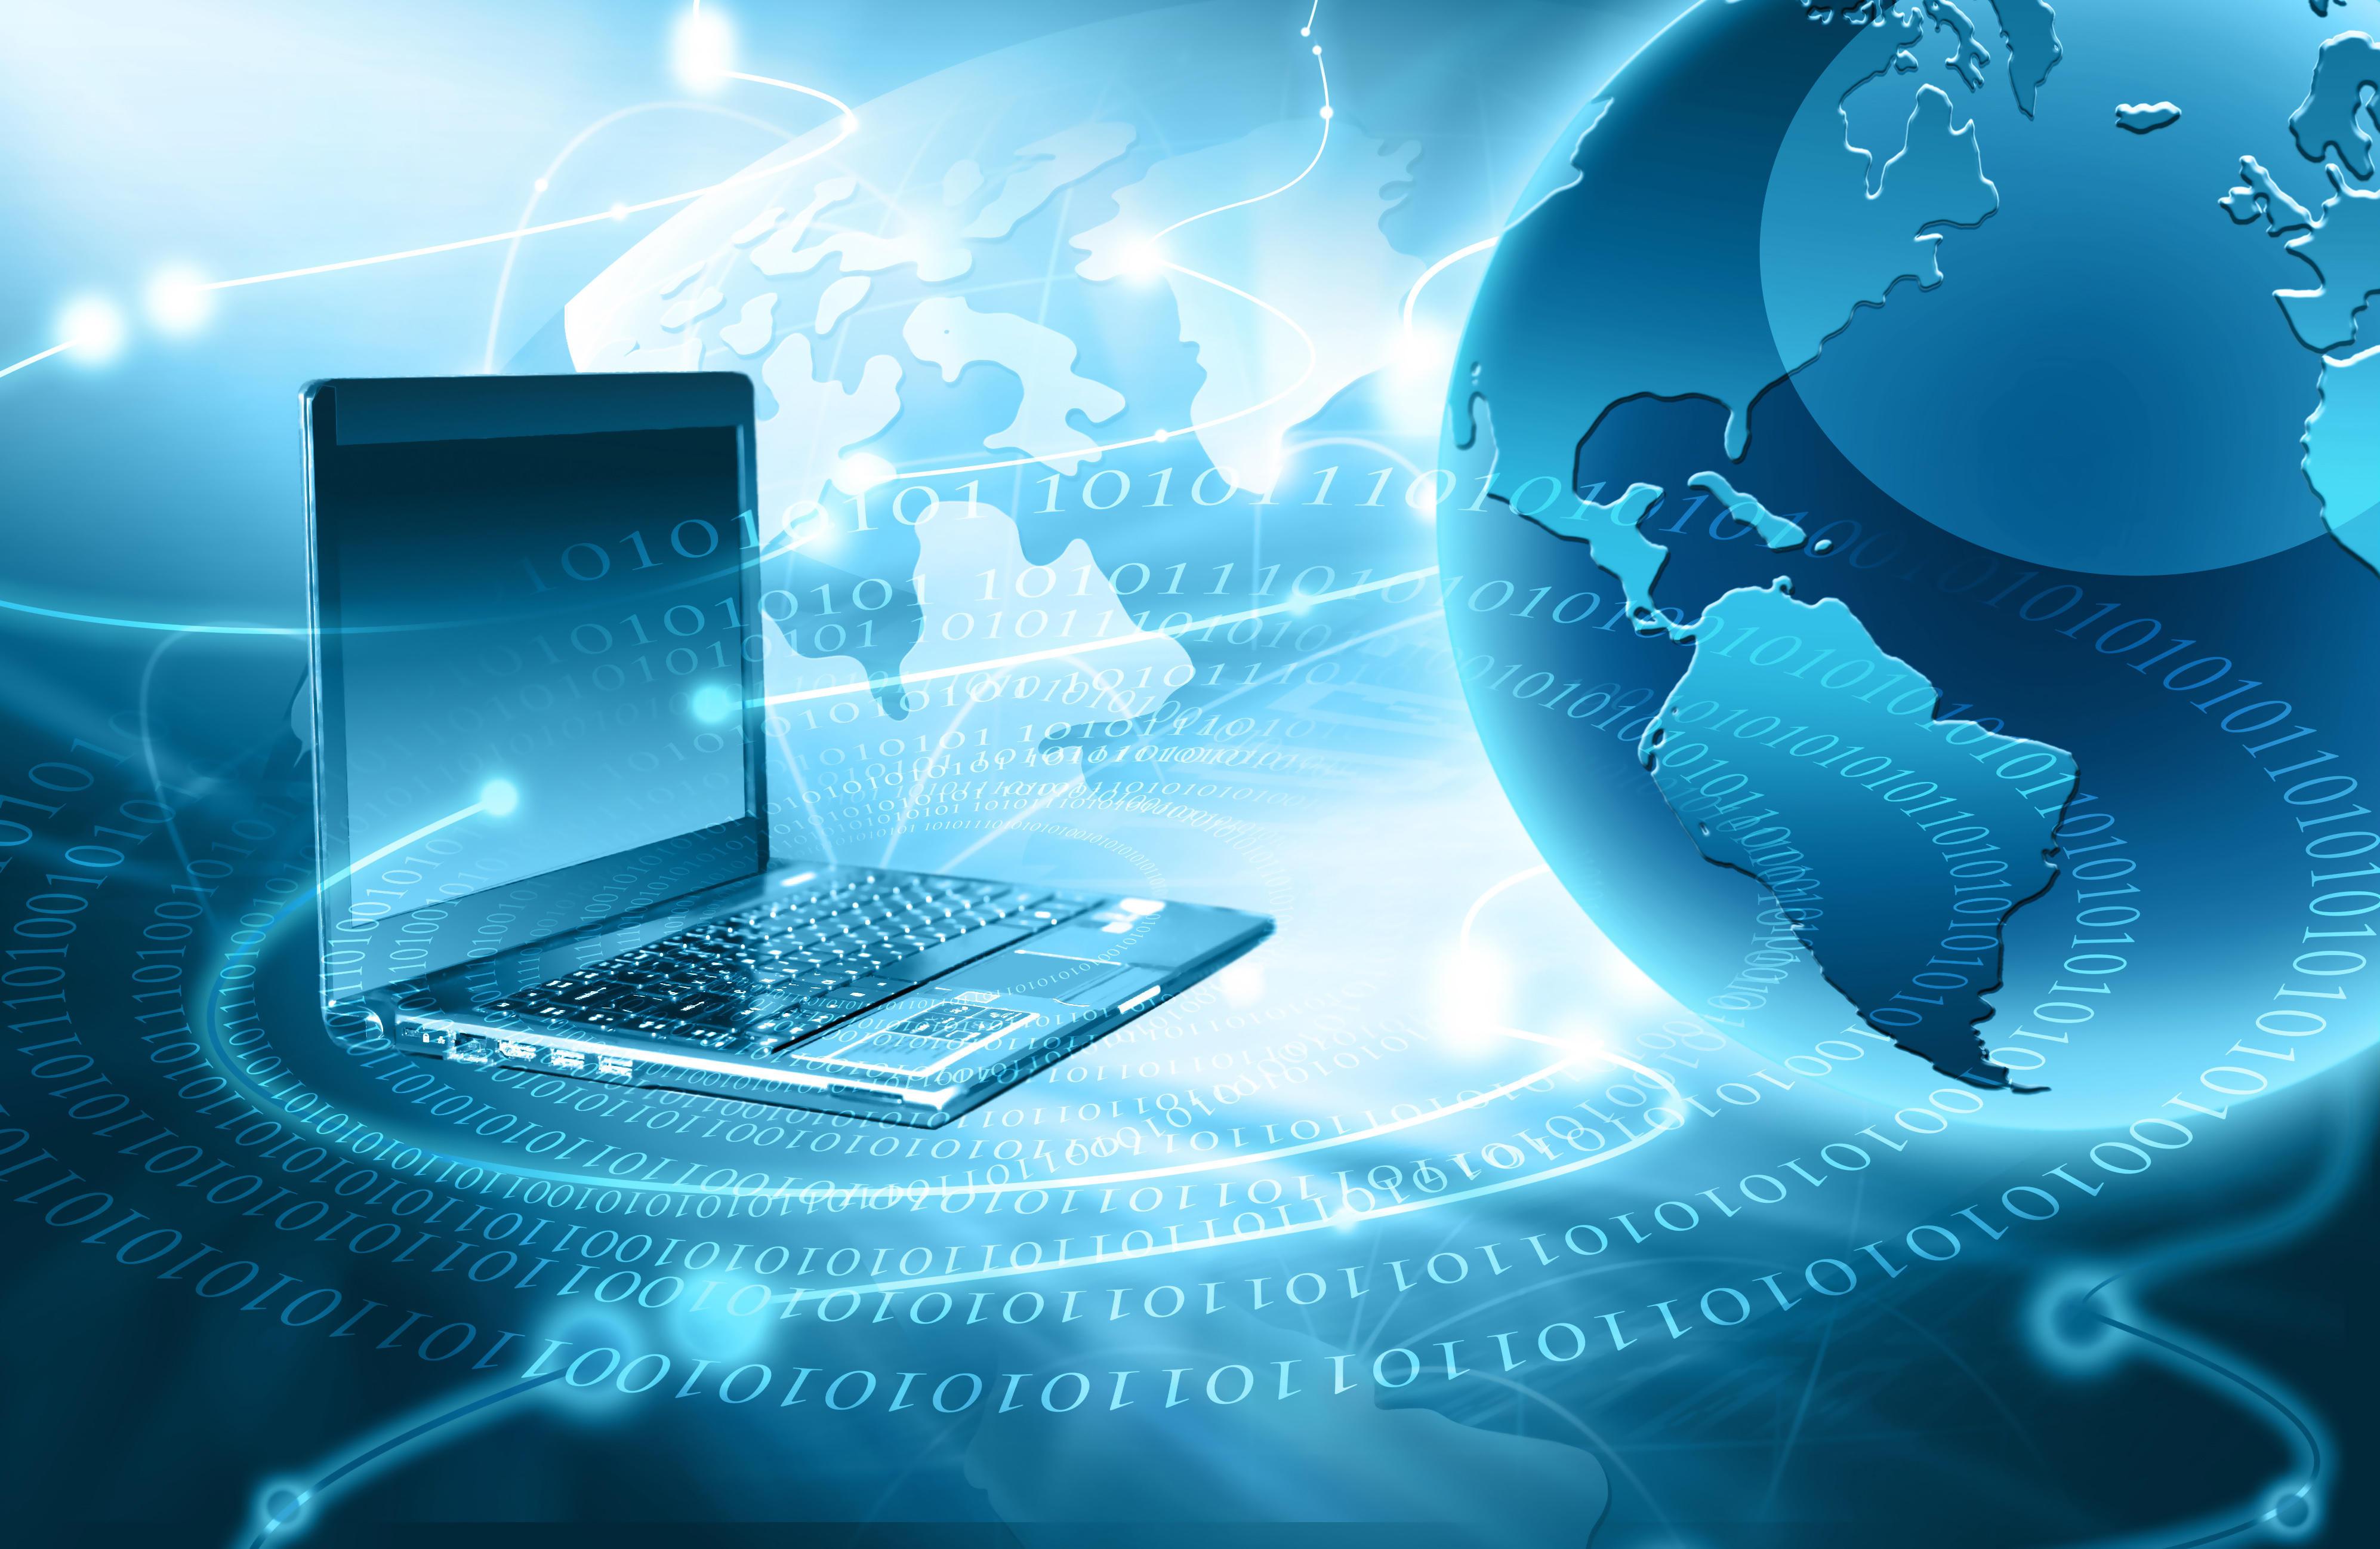 Abşeron və Sumqayıtda internet kəsildi